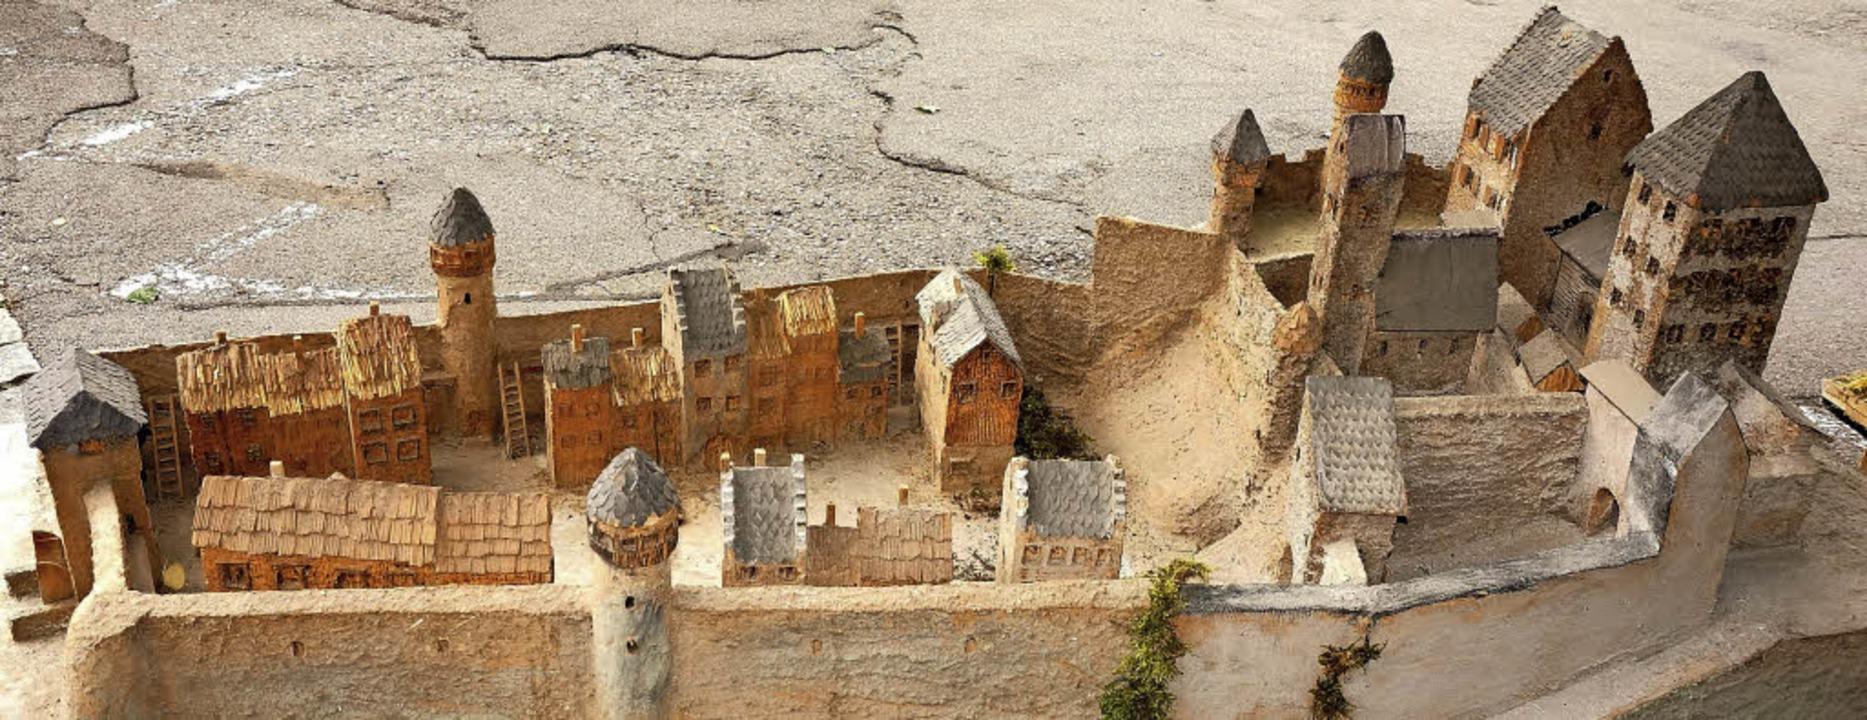 Aus Bauschaum und Holz: Dieses Modell zeigt Tiengen um 1150.    Foto:  Ursula Freudig